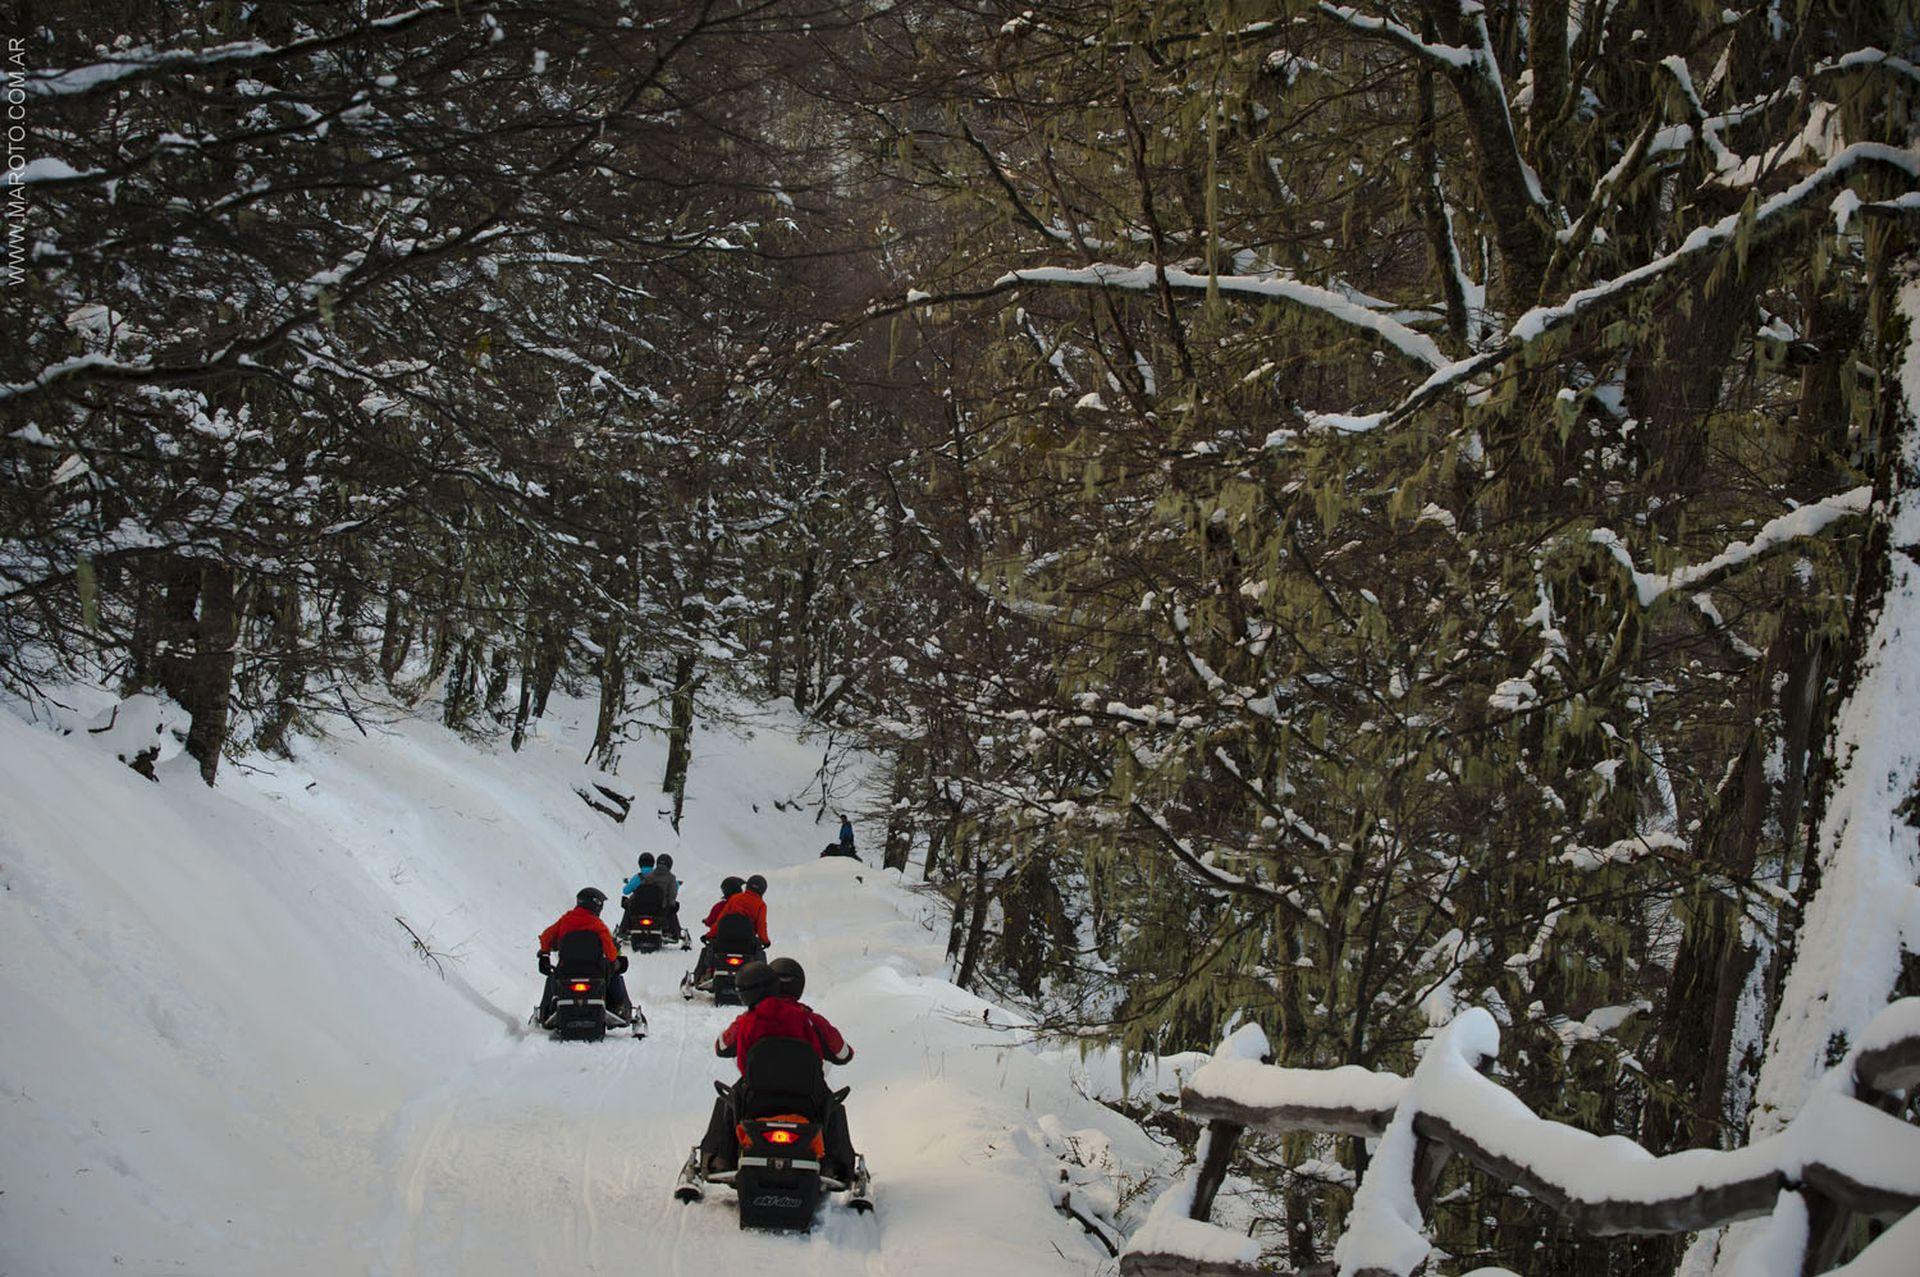 Un paisaje de lengas nevadas acompaña en la subida hasta los 1300 metros donde está El Refugio